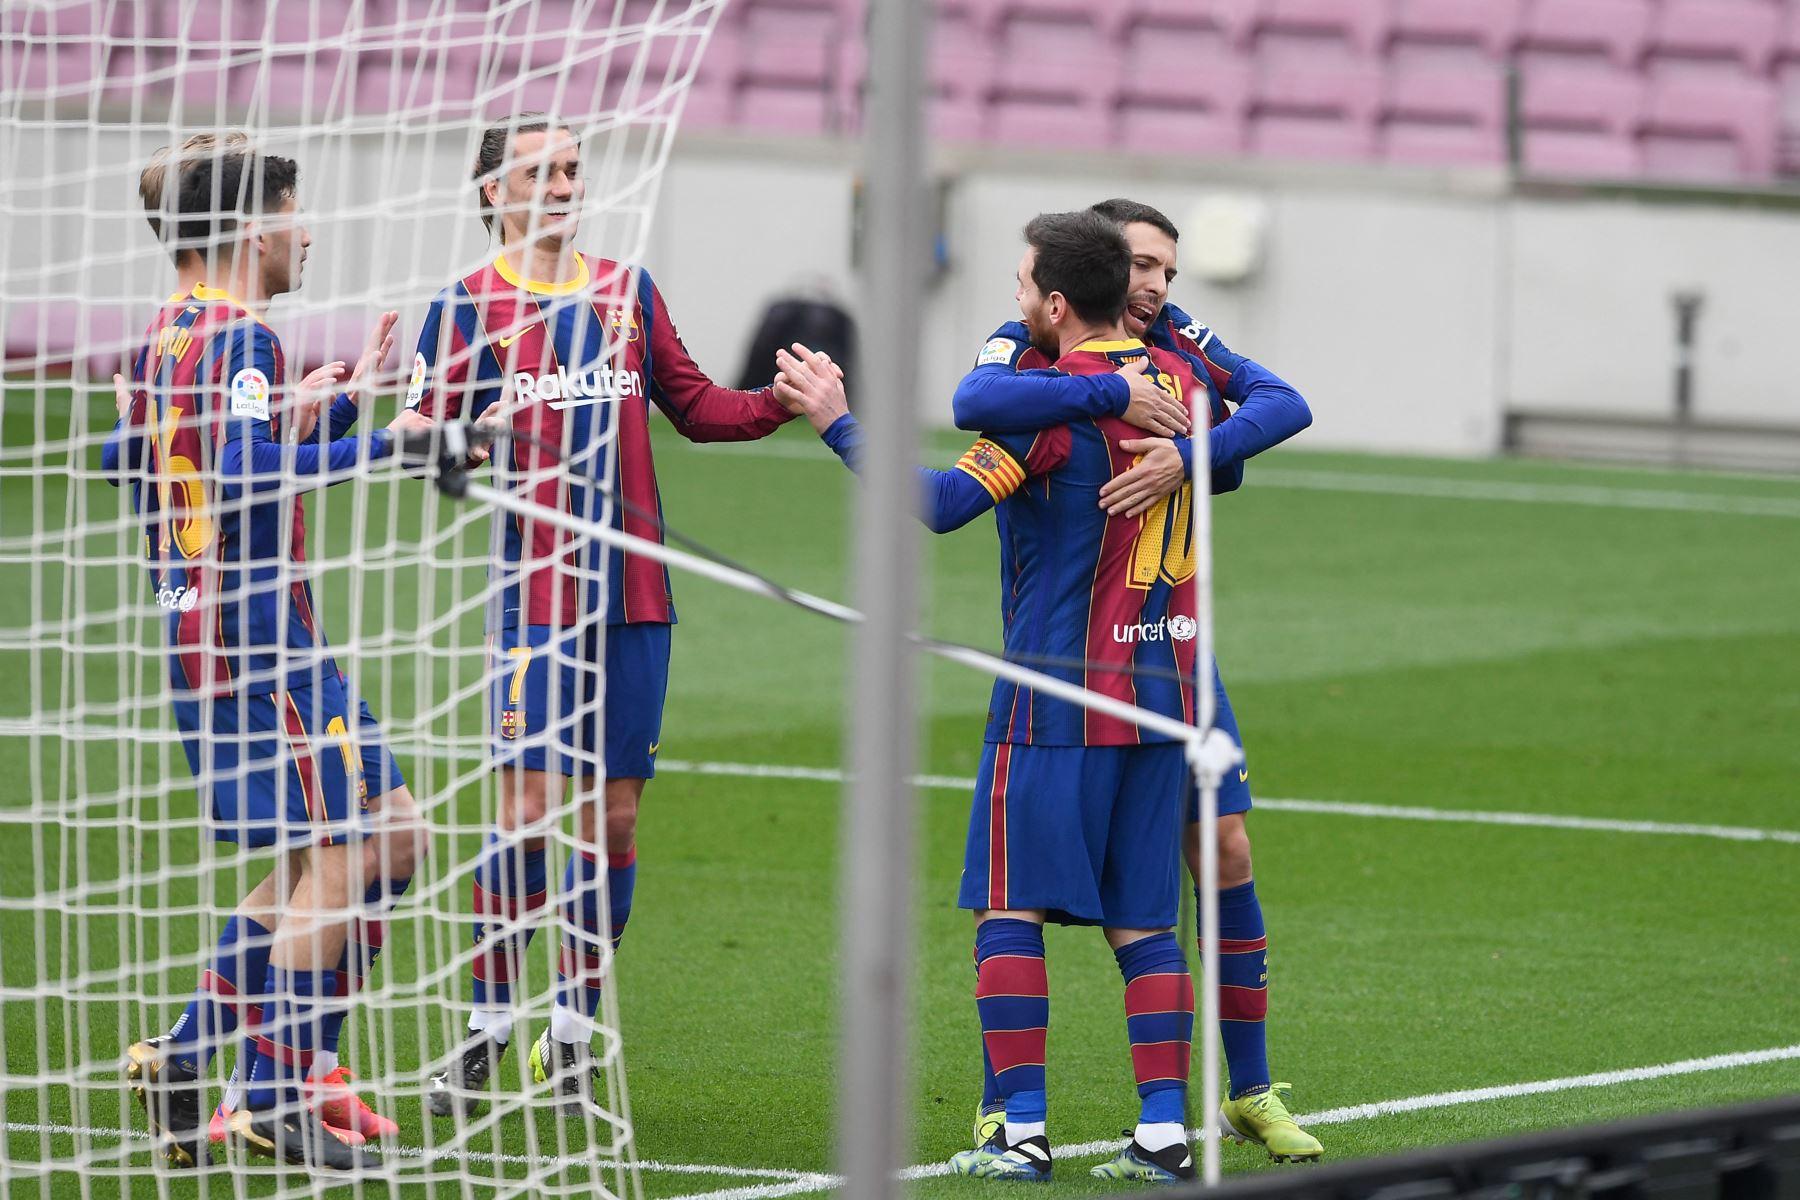 El delantero argentino del Barcelona Lionel Messi, celebra con el defensa español del Barcelona Jordi Alba tras marcar durante el partido de fútbol de la liga española entre el FC Barcelona y el Cádiz CF.  Foto: AFP